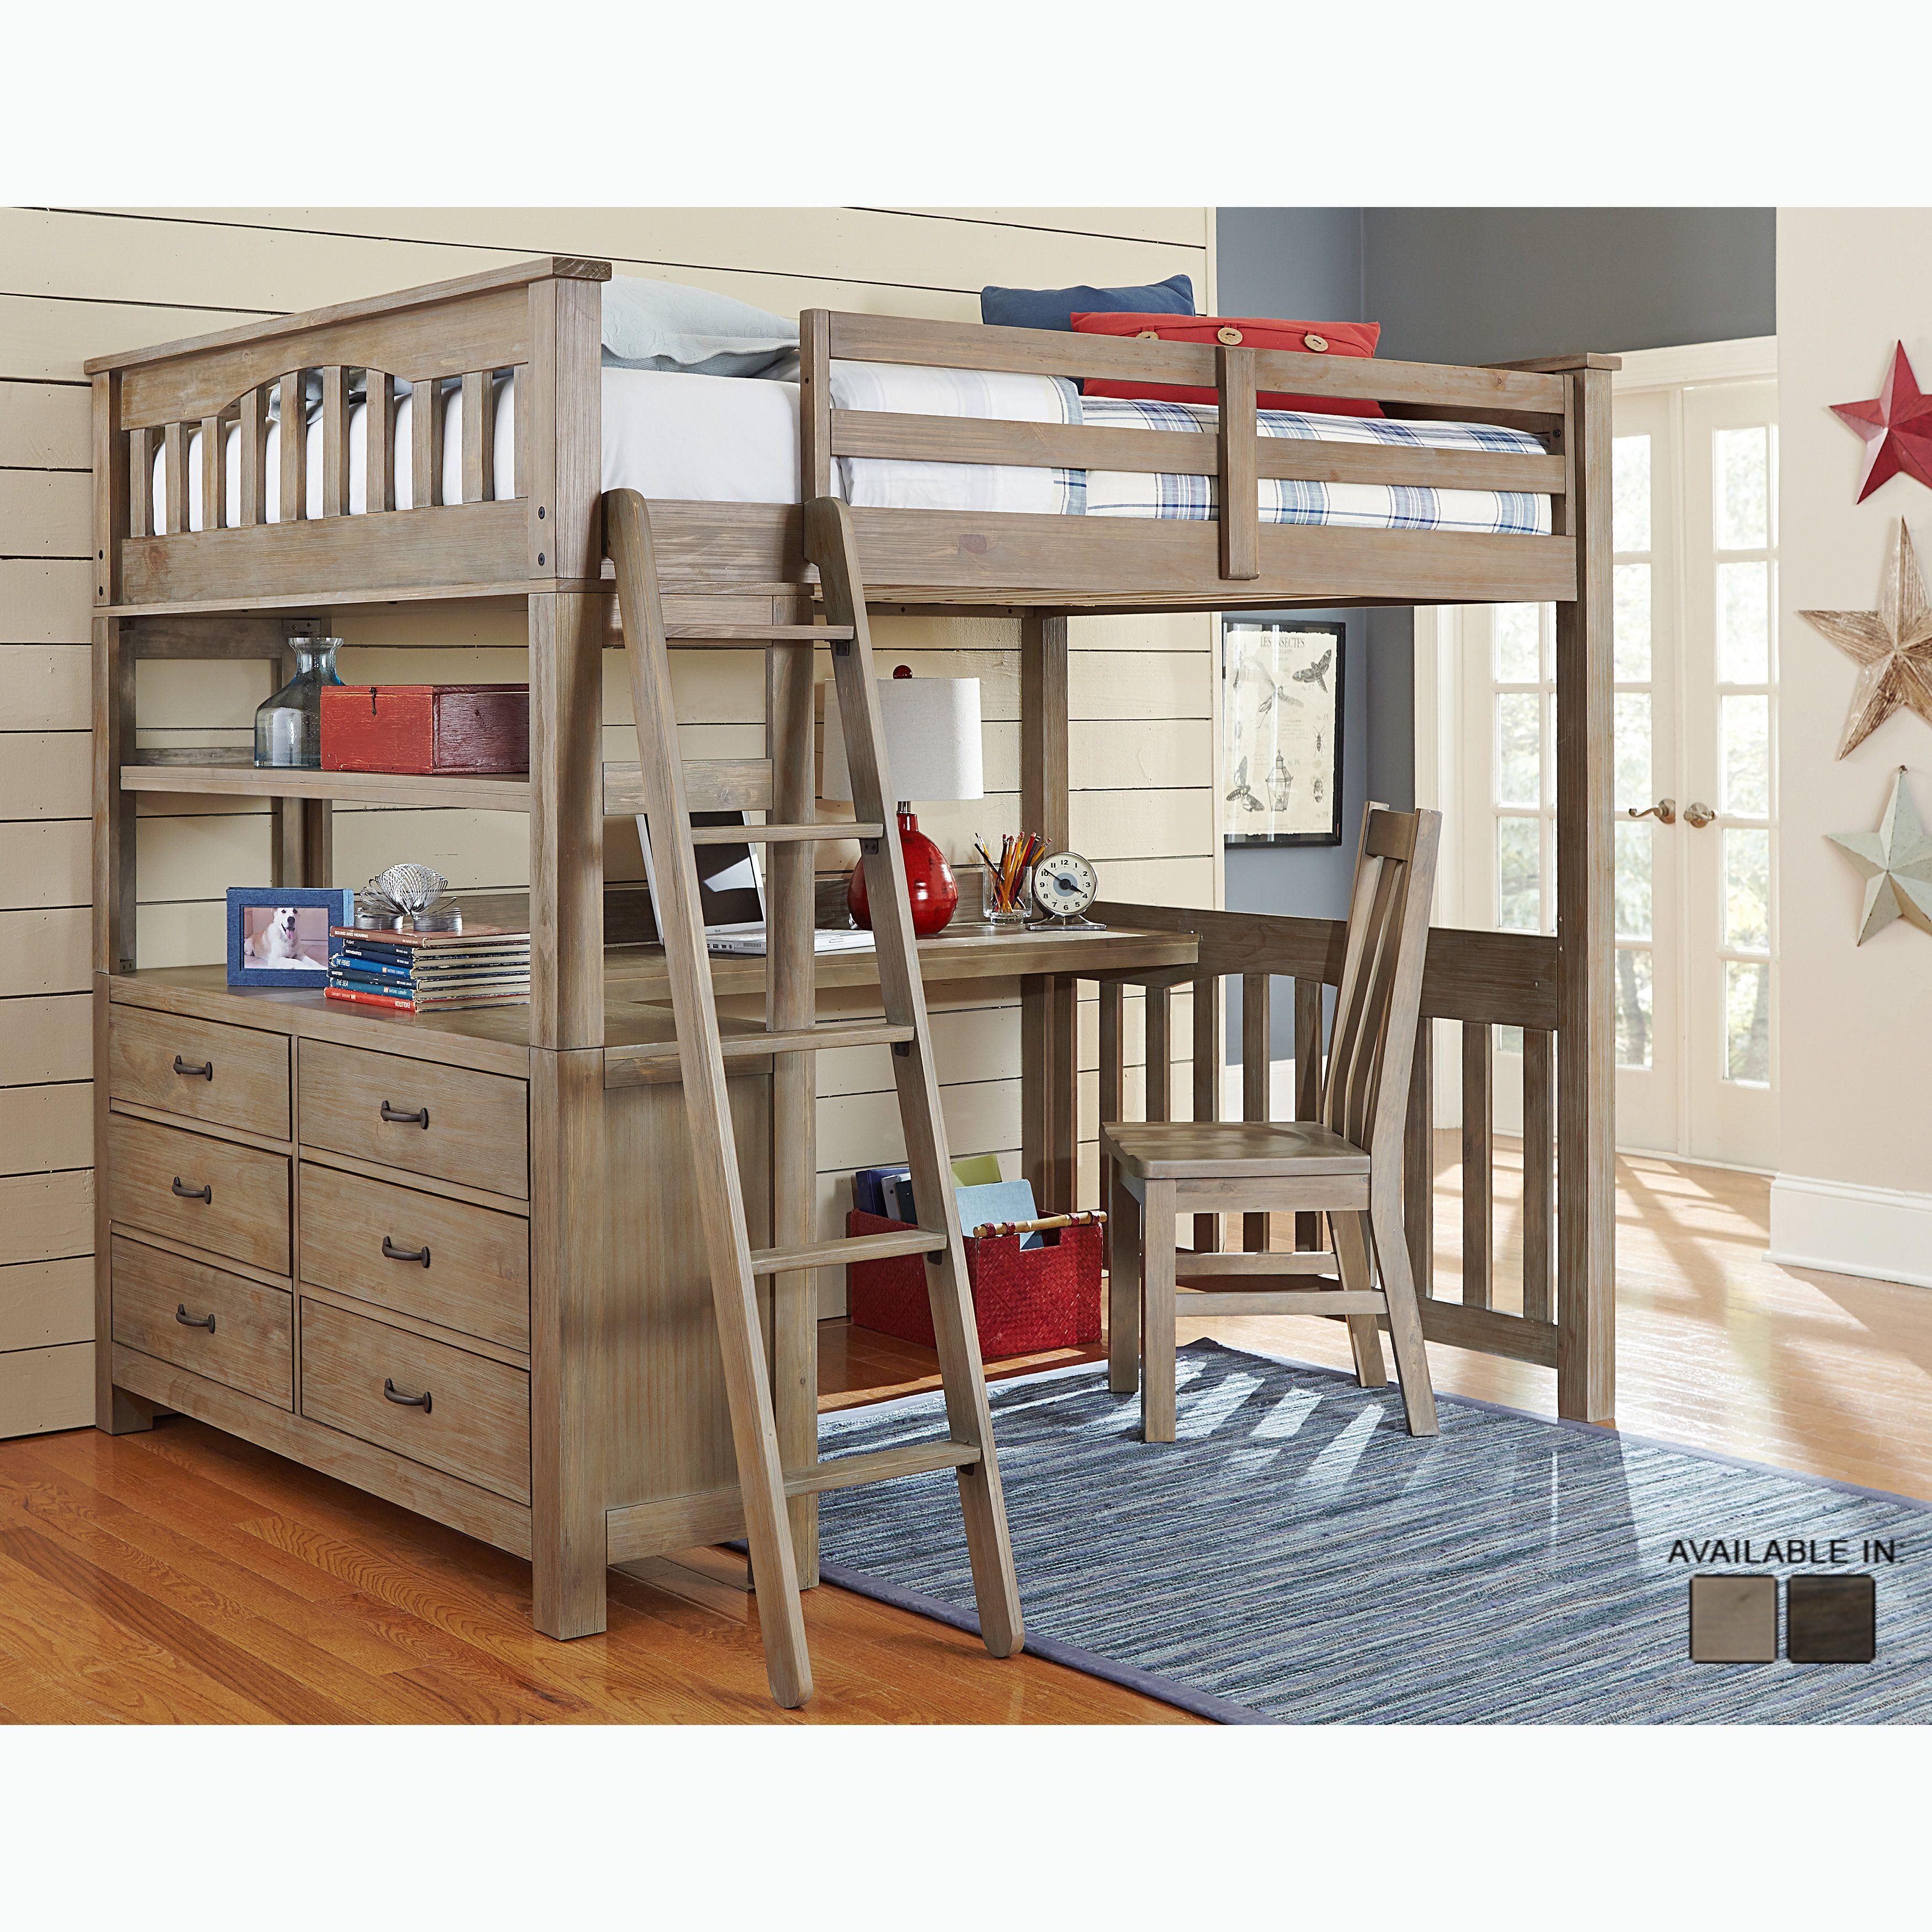 Muebles Finos Sarchi ~ Obtenga ideas Diseño de muebles para su hogar ...